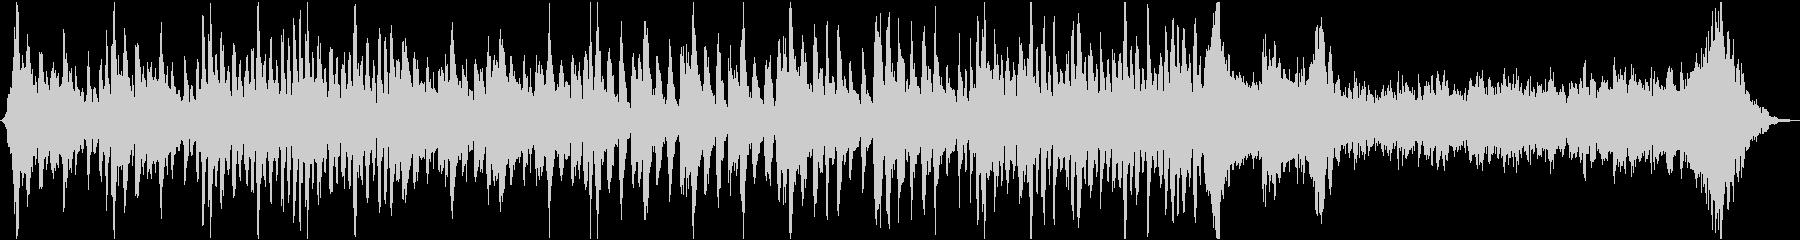 現代的 交響曲 室内楽 エレクトロ...の未再生の波形